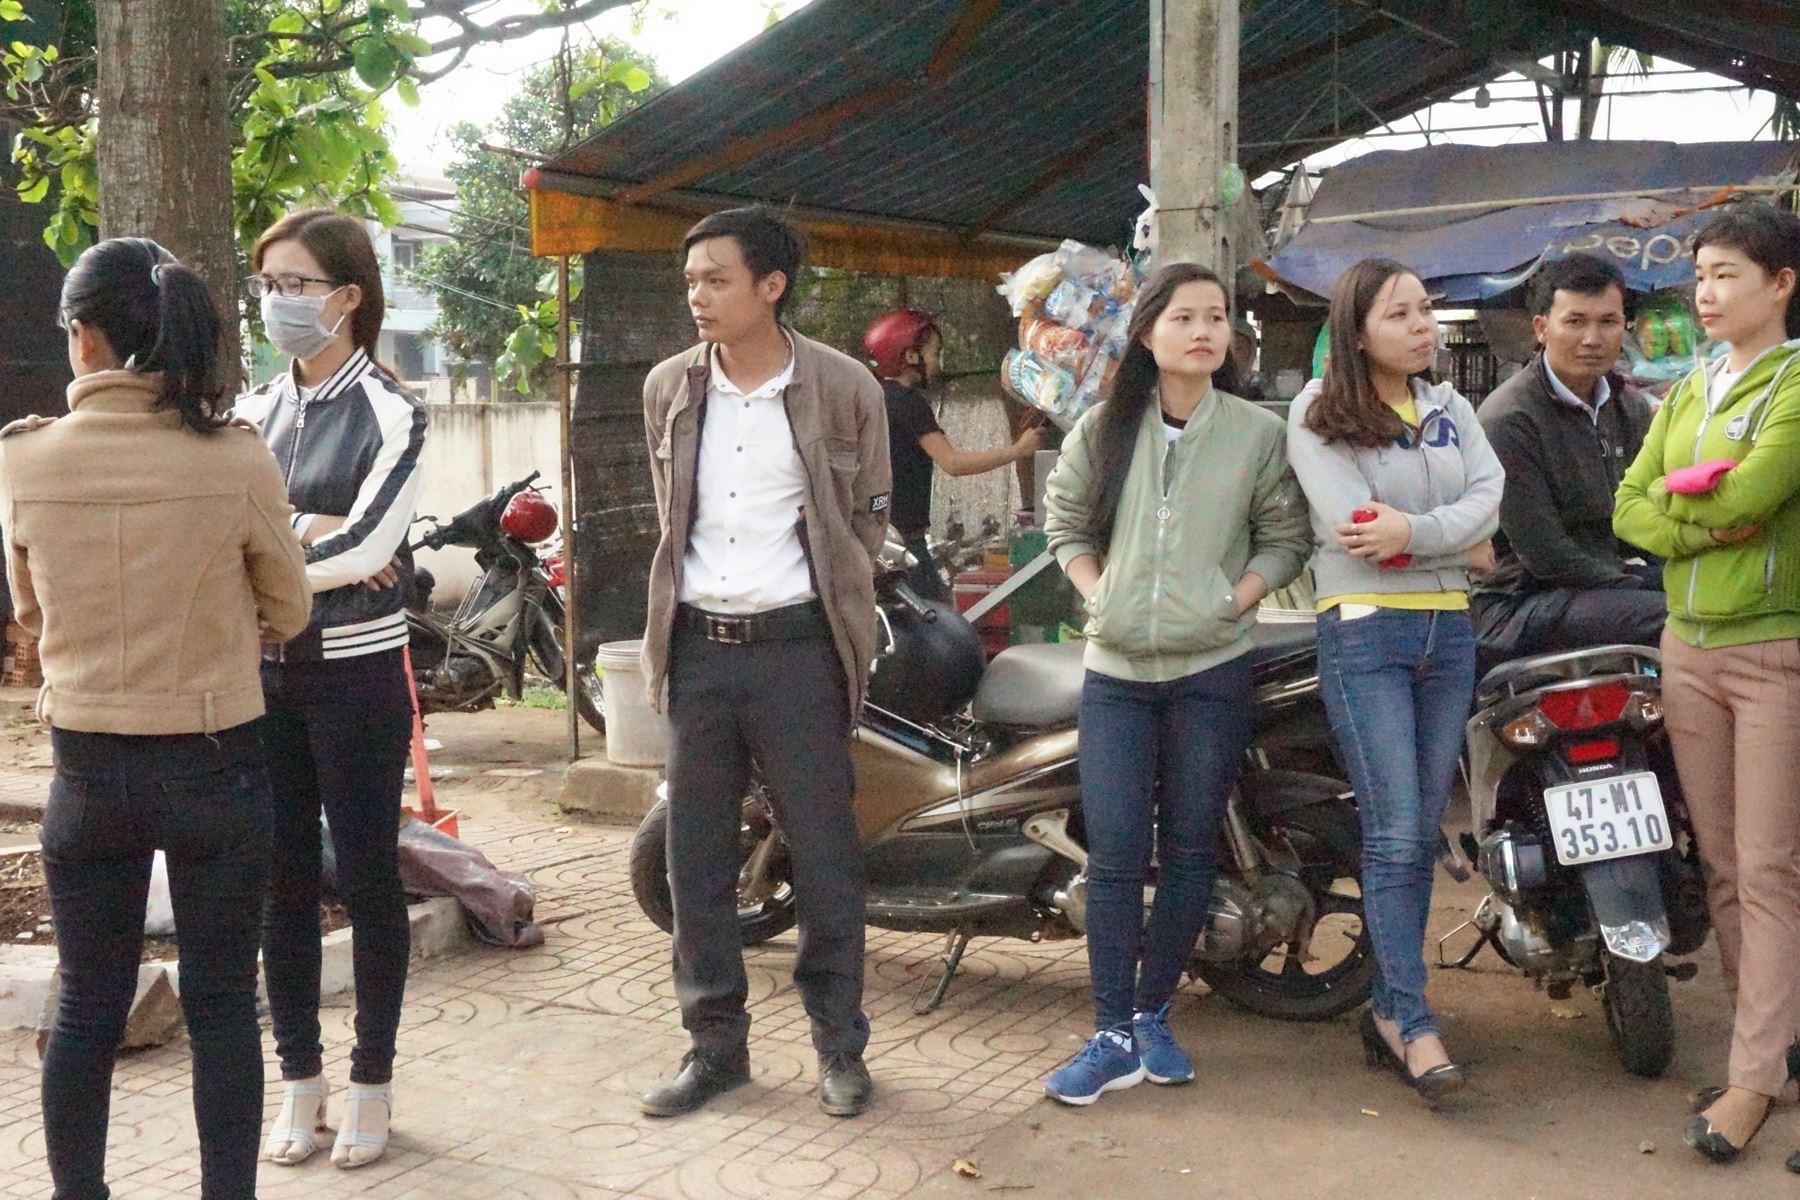 Đắk Lắk: Tâm sự của cô giáo bán cháo để bám nghề, thấp thỏm lo mất việc - Ảnh 3.